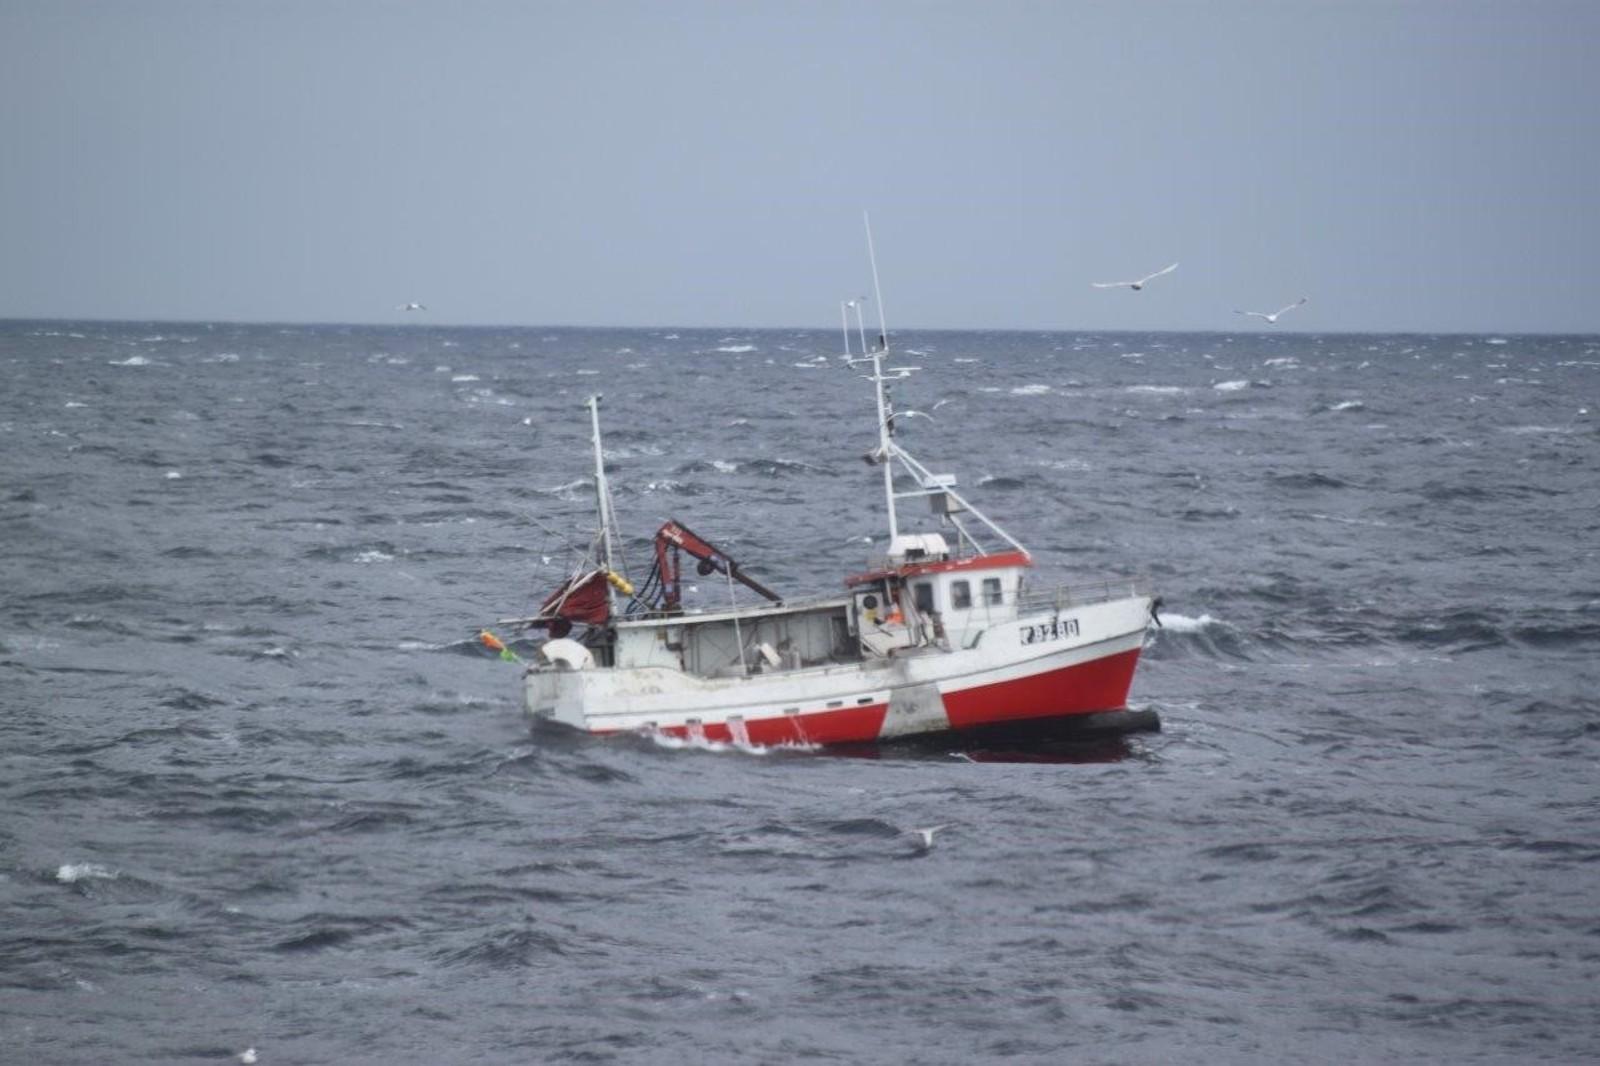 Endre Jakobsen oppdaget plutselig at maskinrommet var fullt av vann. Han ropte «Mayday» på VHF klokken åtte på morgenen. Da befant han seg på fiskefeltet mellom Båtsfjord og Berlevåg.